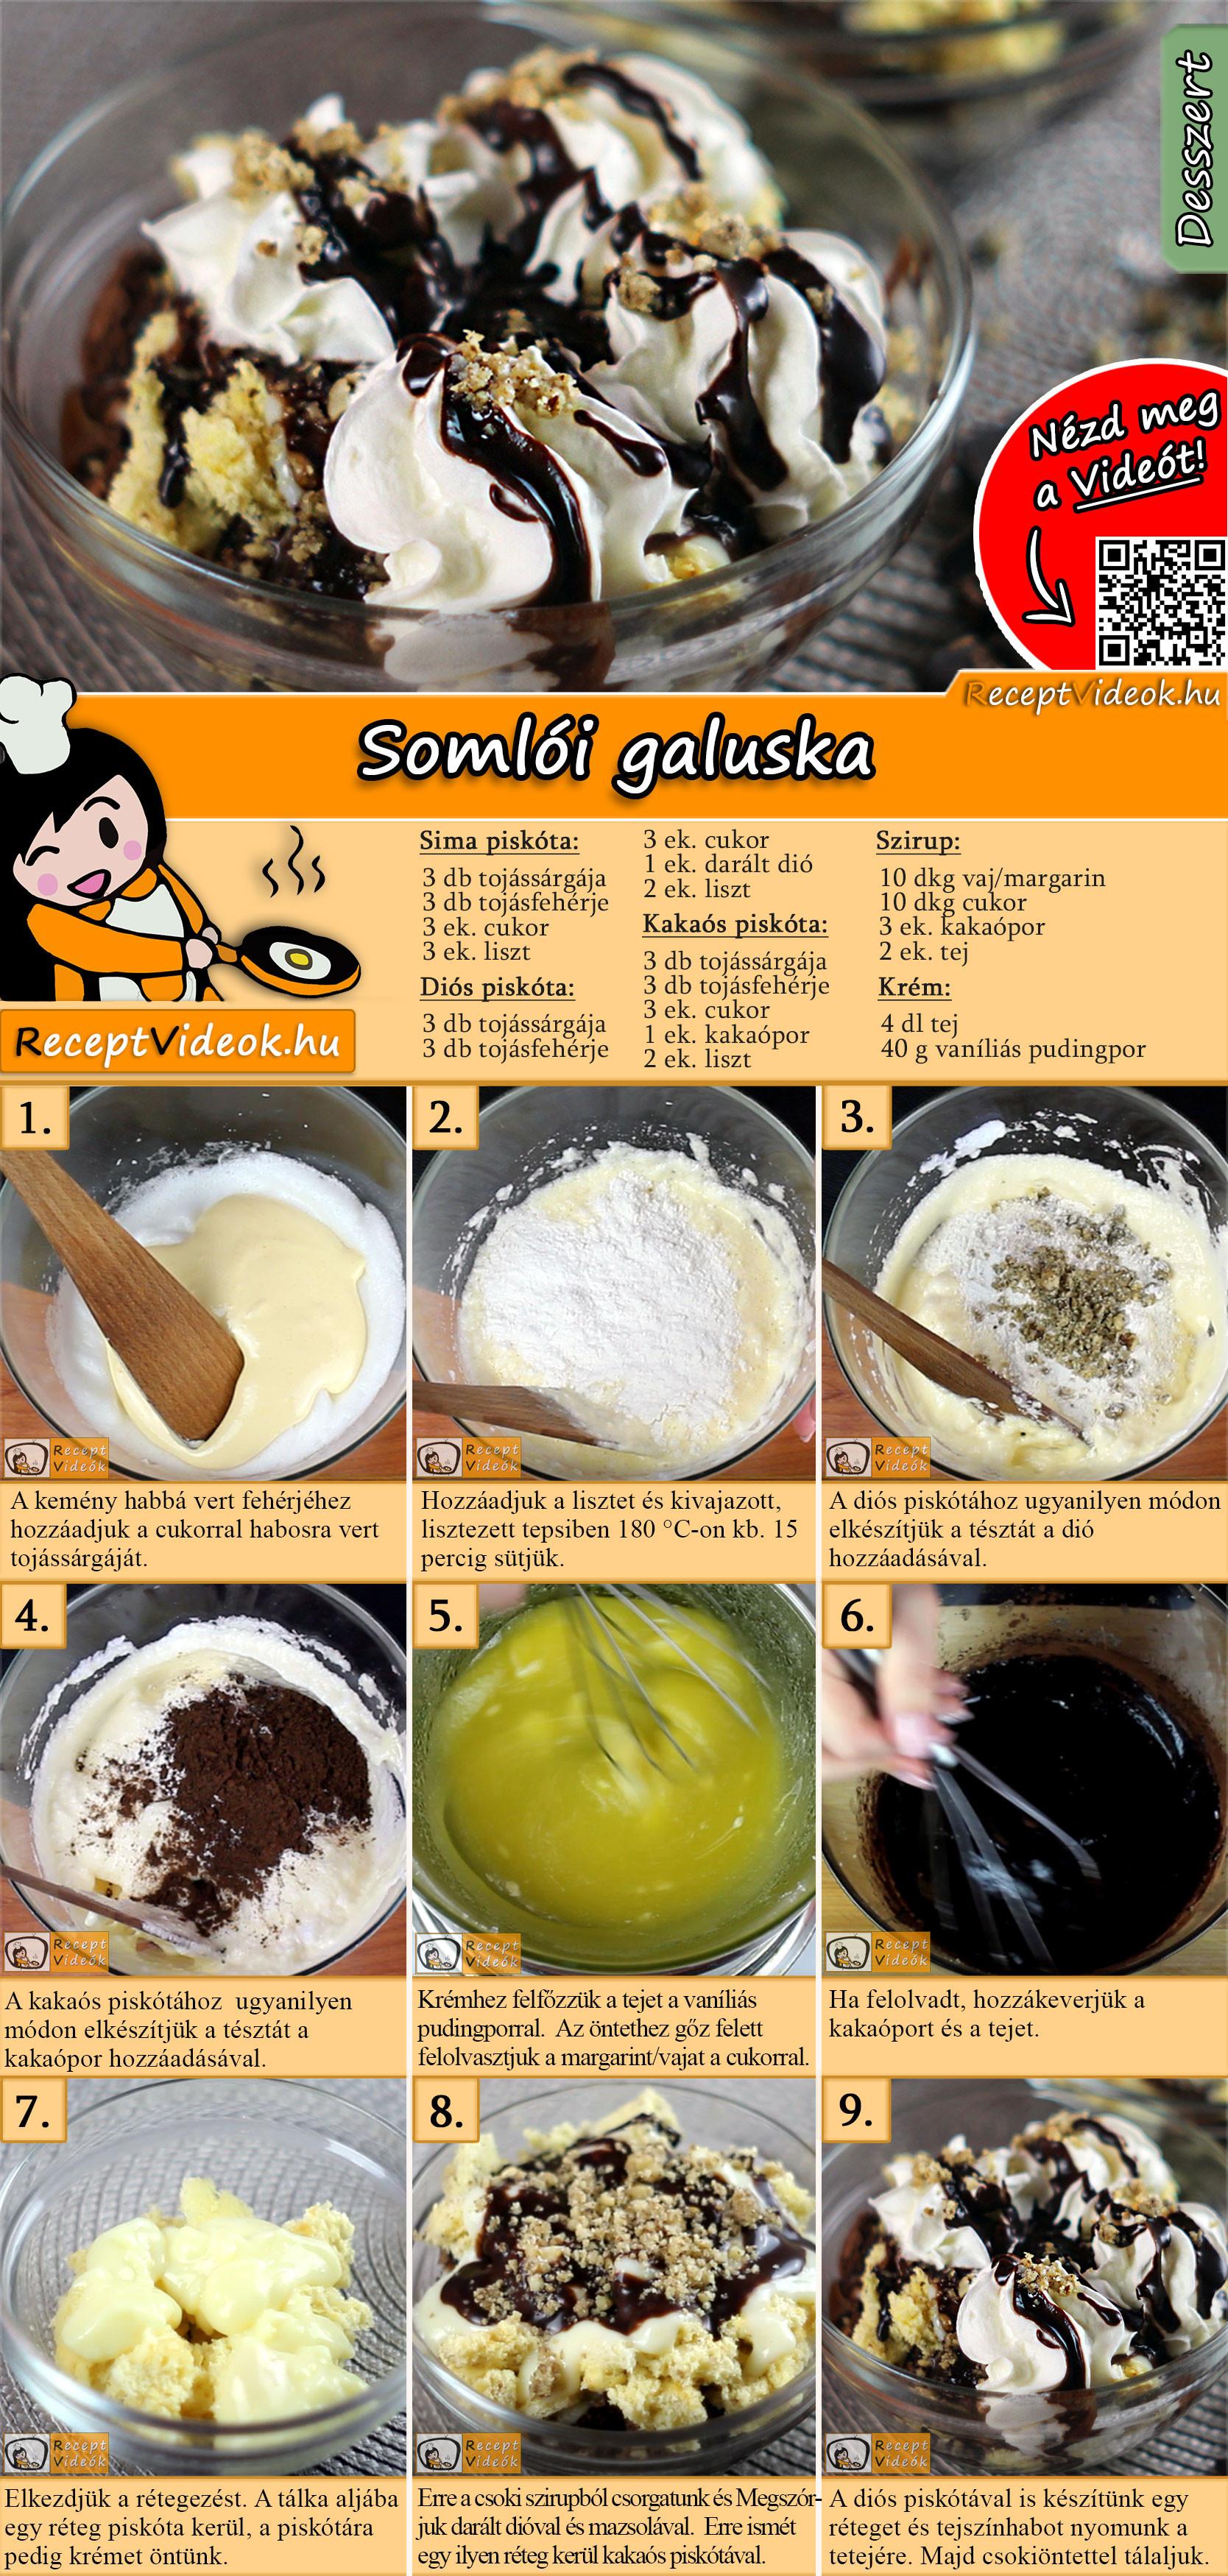 Somlói galuska recept elkészítése videóval